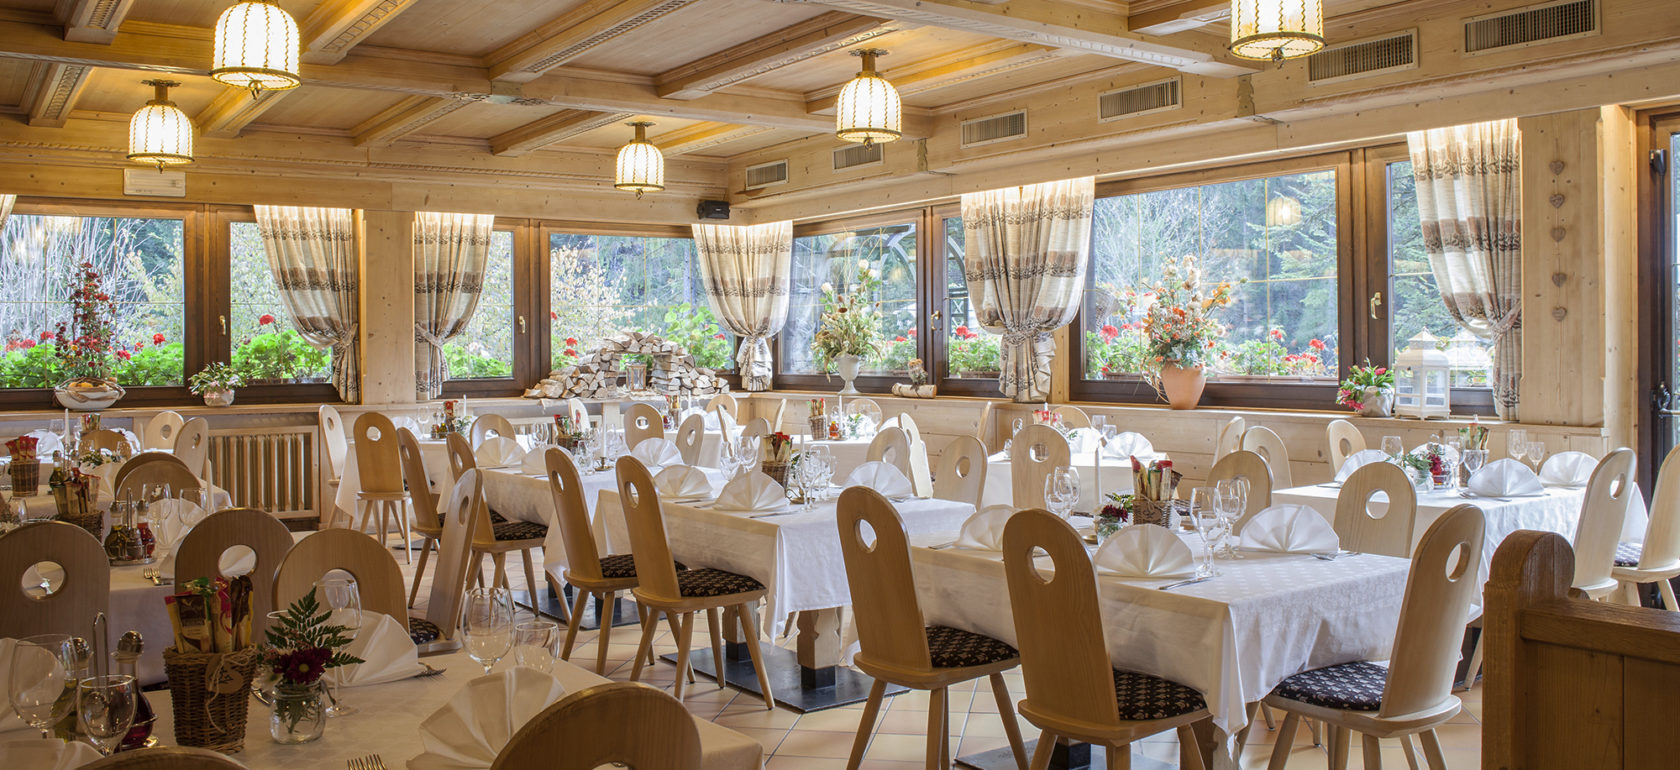 Valle di Ledro Restaurant and typical cuisine - Chalet Rifugio al Faggio